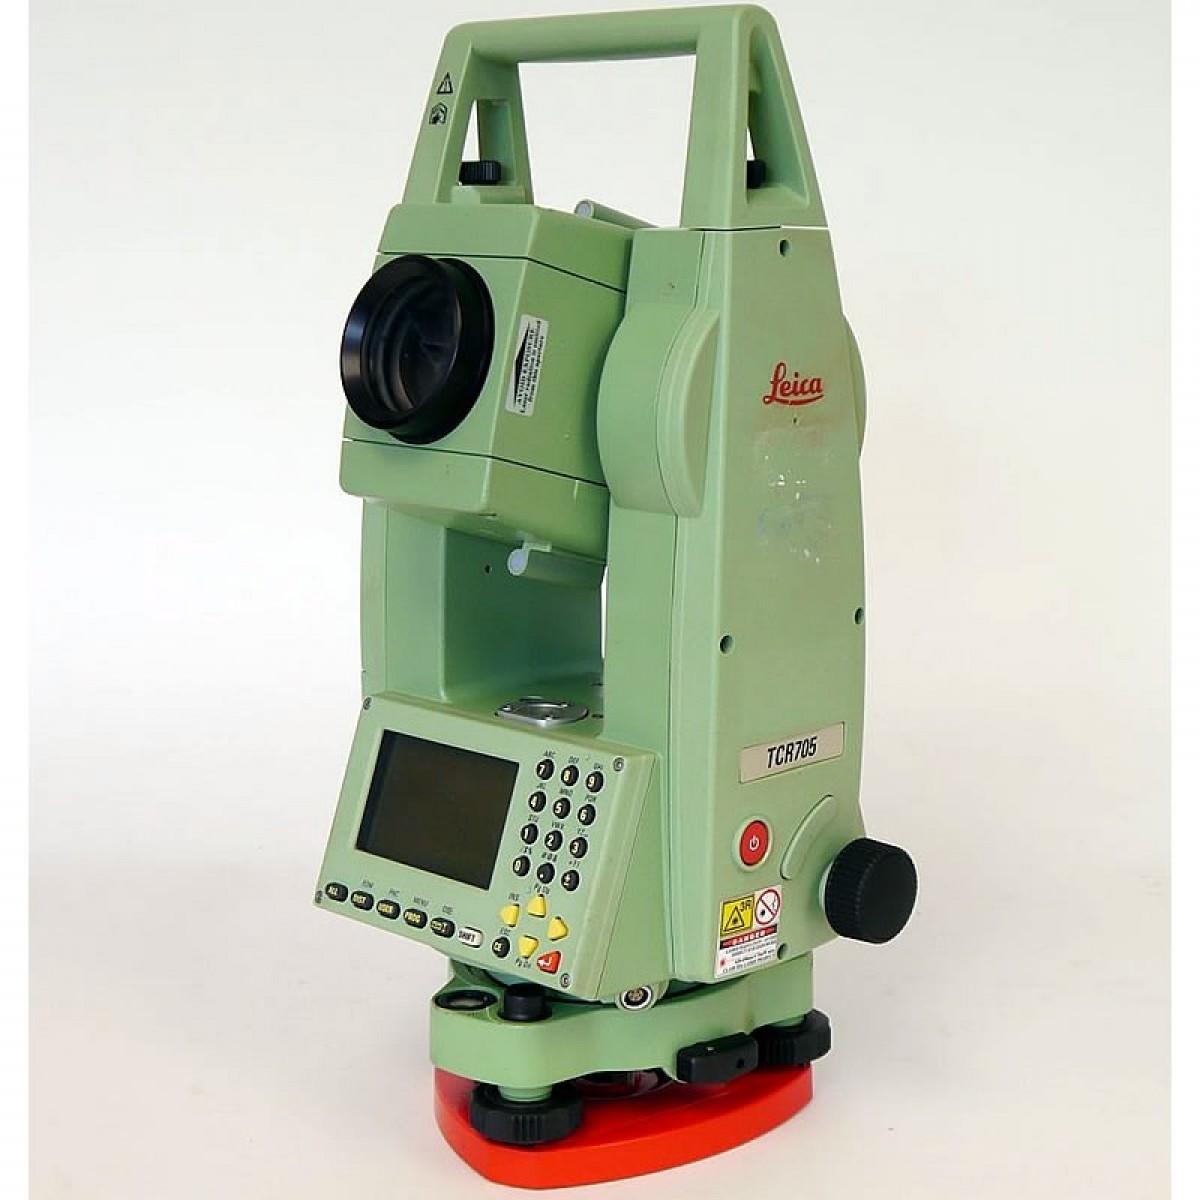 Máy toàn đạc Leica TCR 705